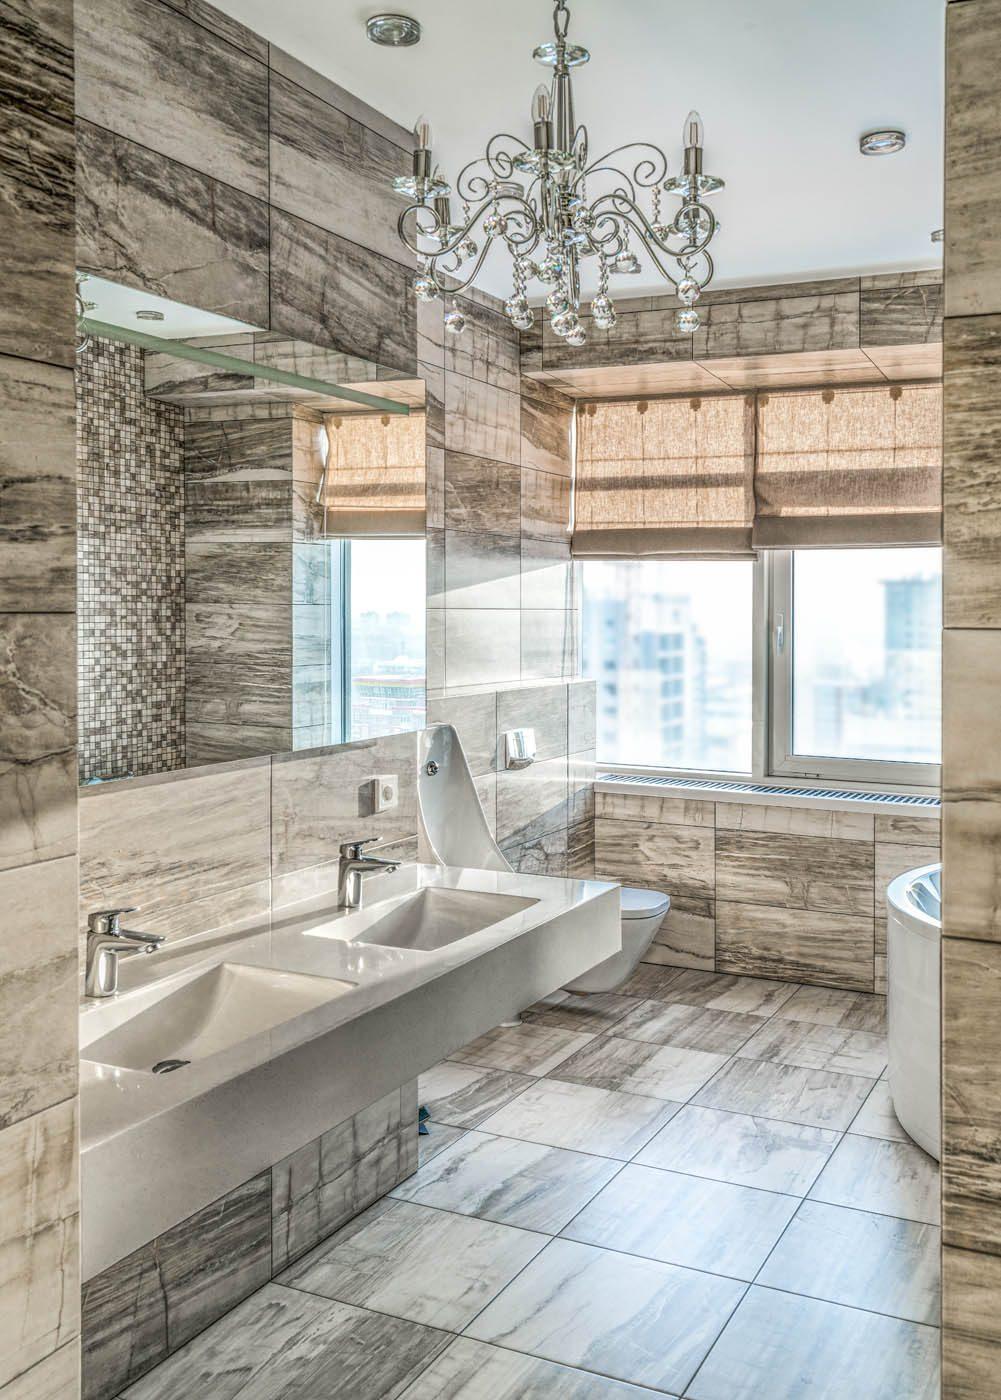 Дизайн интерьера ванной комнаты с двумя раковинами и окном